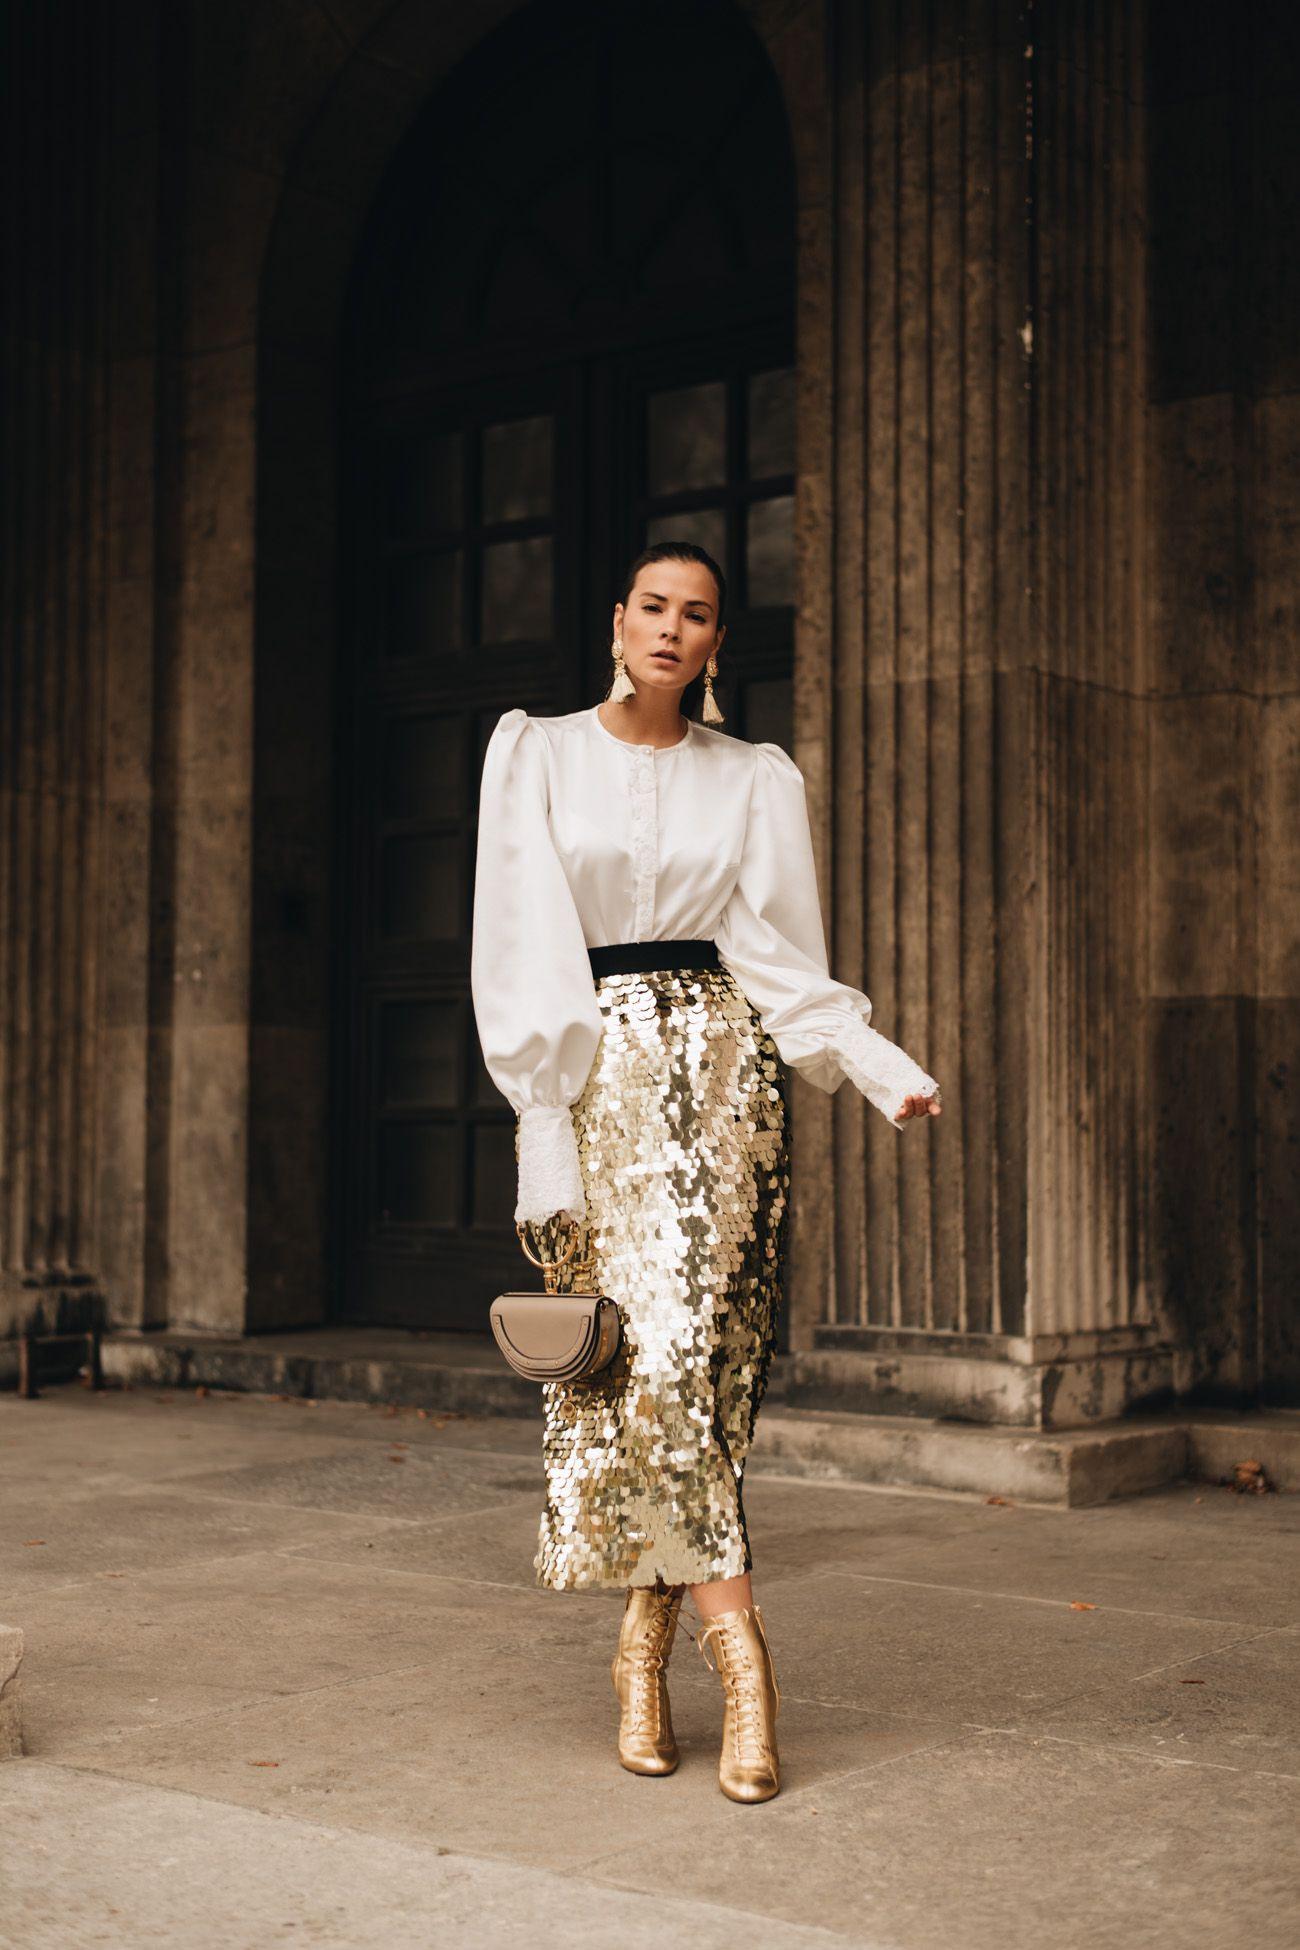 15 Coolste Schicke Kleider Weihnachtsfeier Vertrieb Großartig Schicke Kleider Weihnachtsfeier Galerie